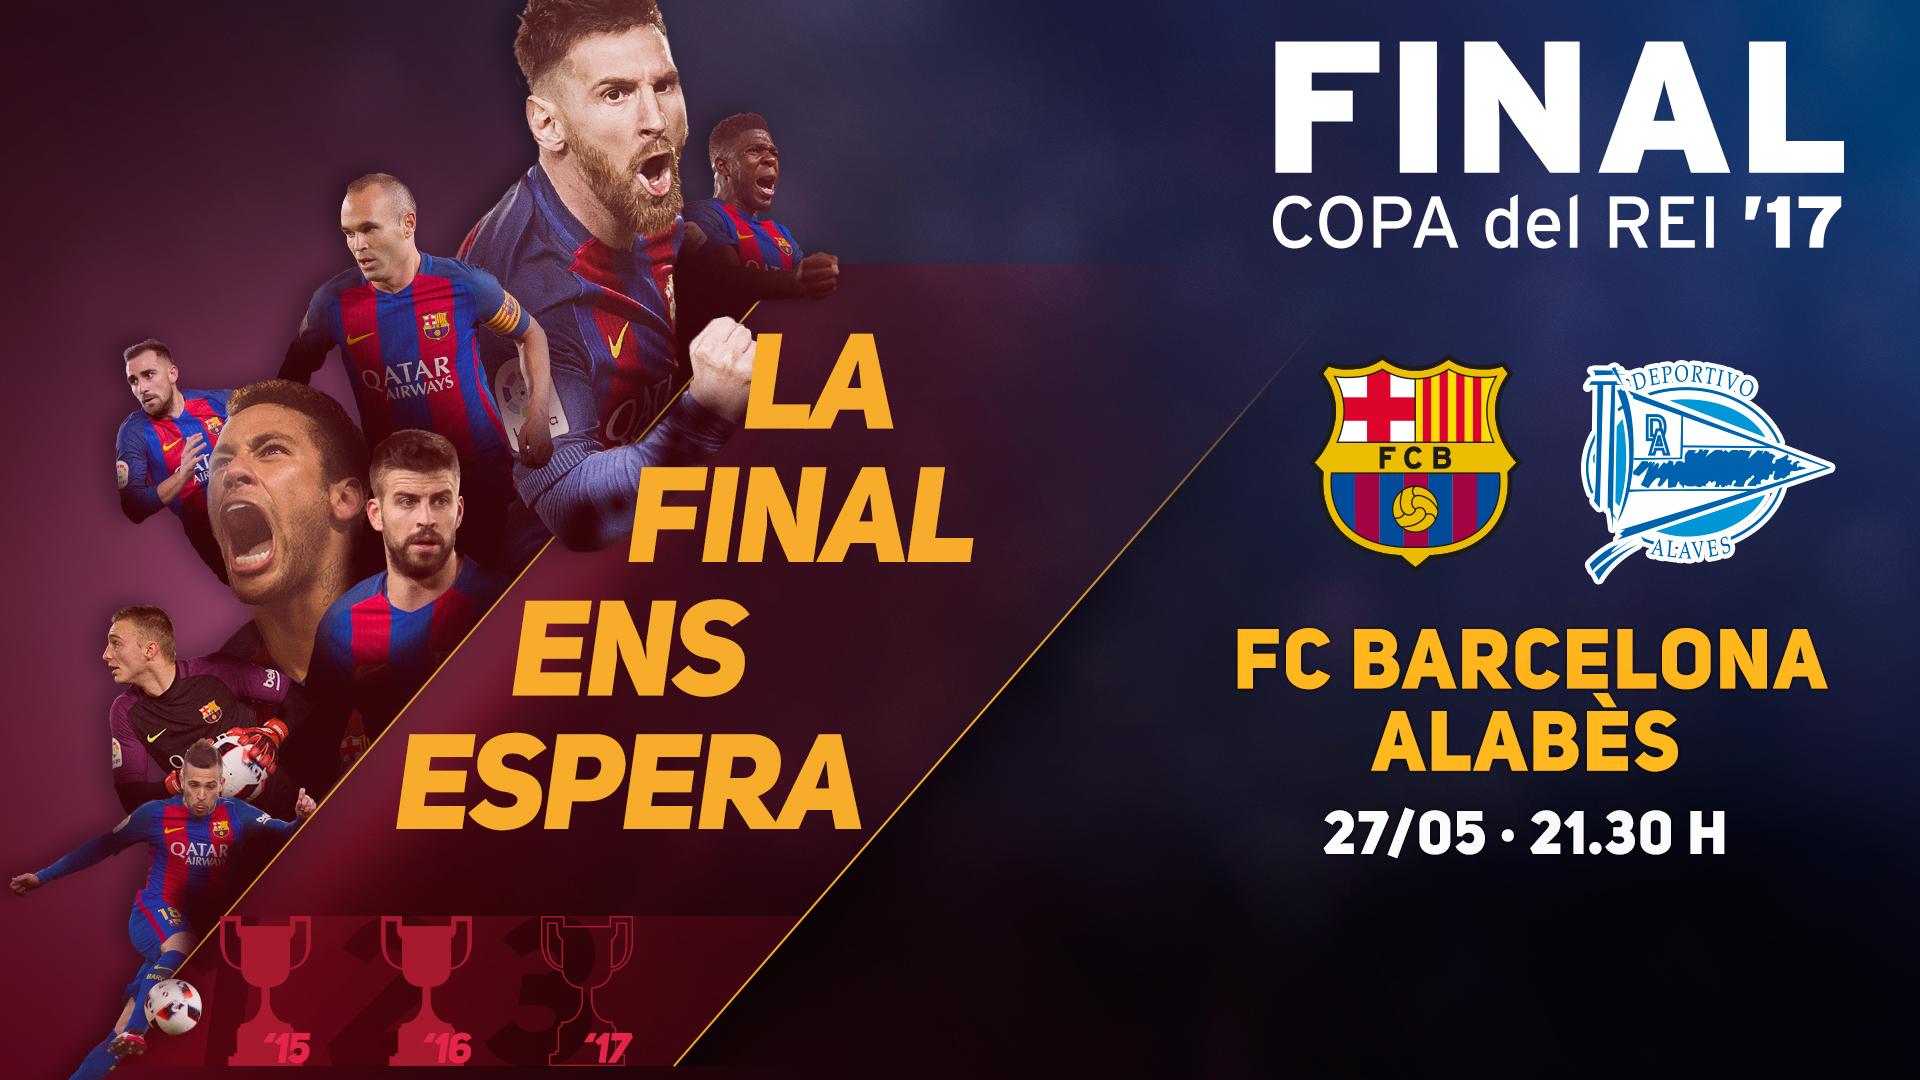 Thumbnail for Així han estat les hores prèvies a la final de Copa / Así han sido las horas previas a la final de Copa